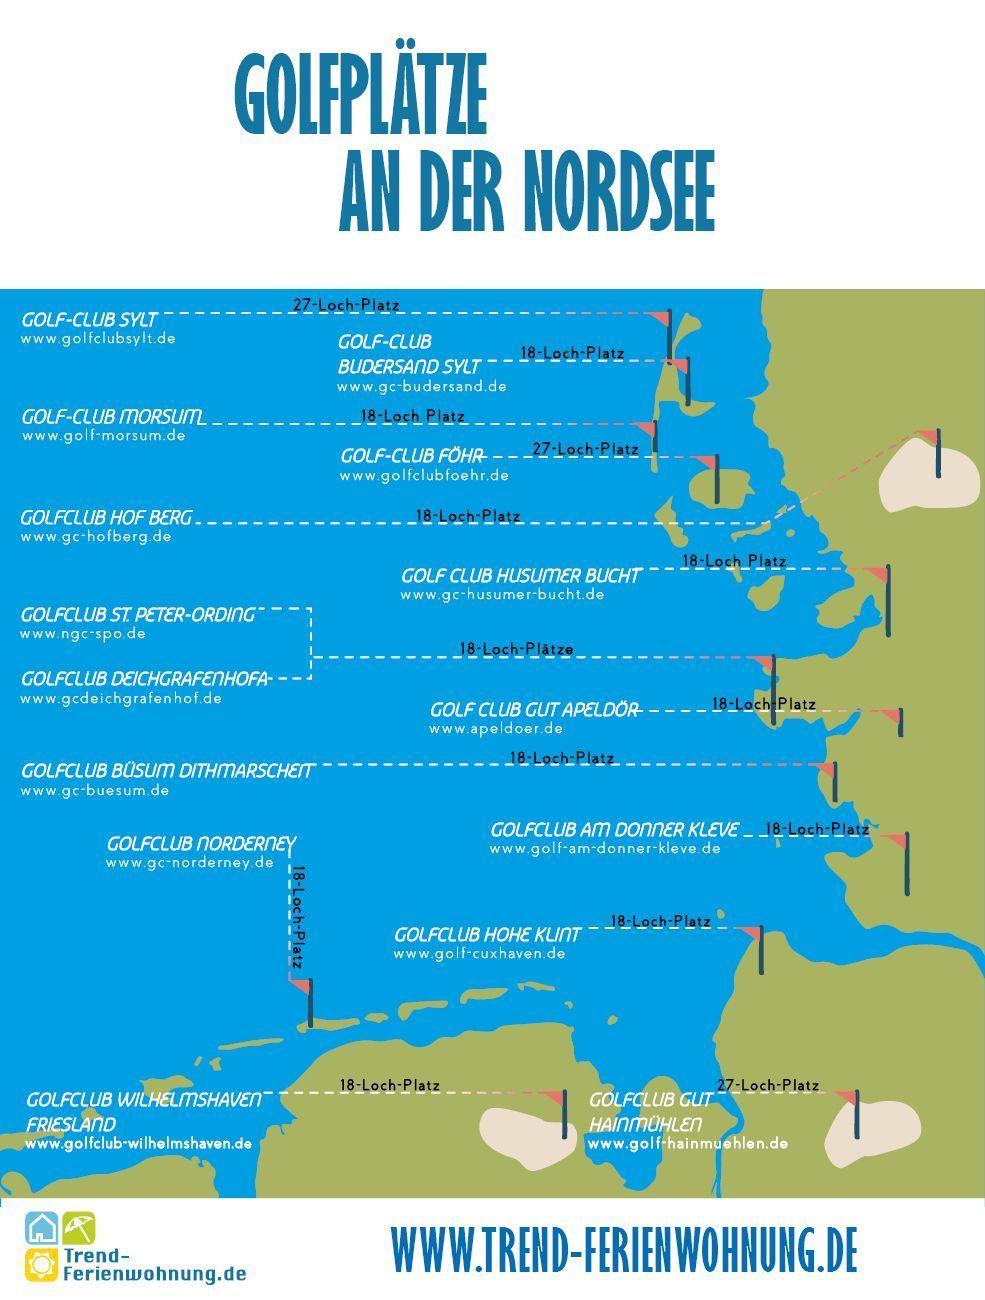 Golfen an der Nordsee